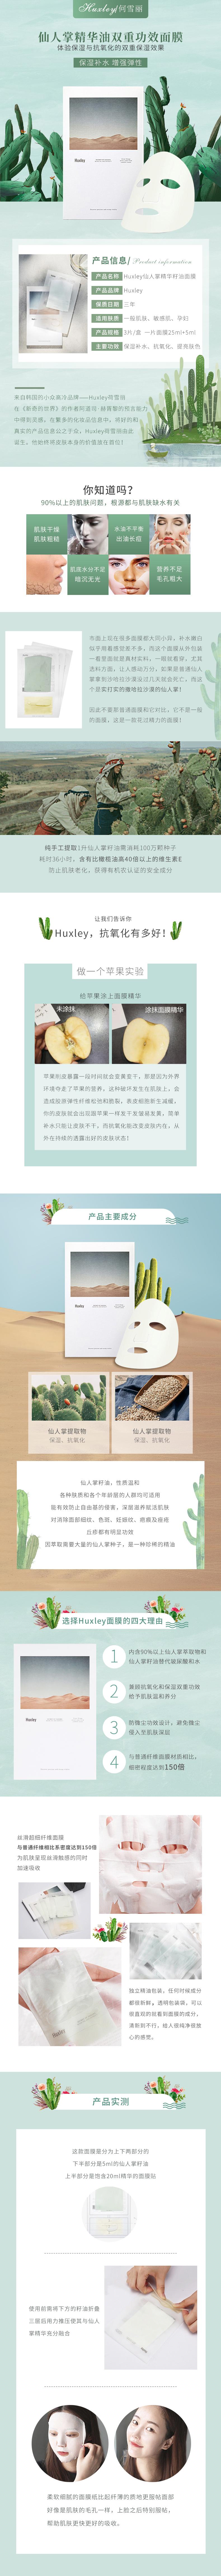 LG011-01.jpg